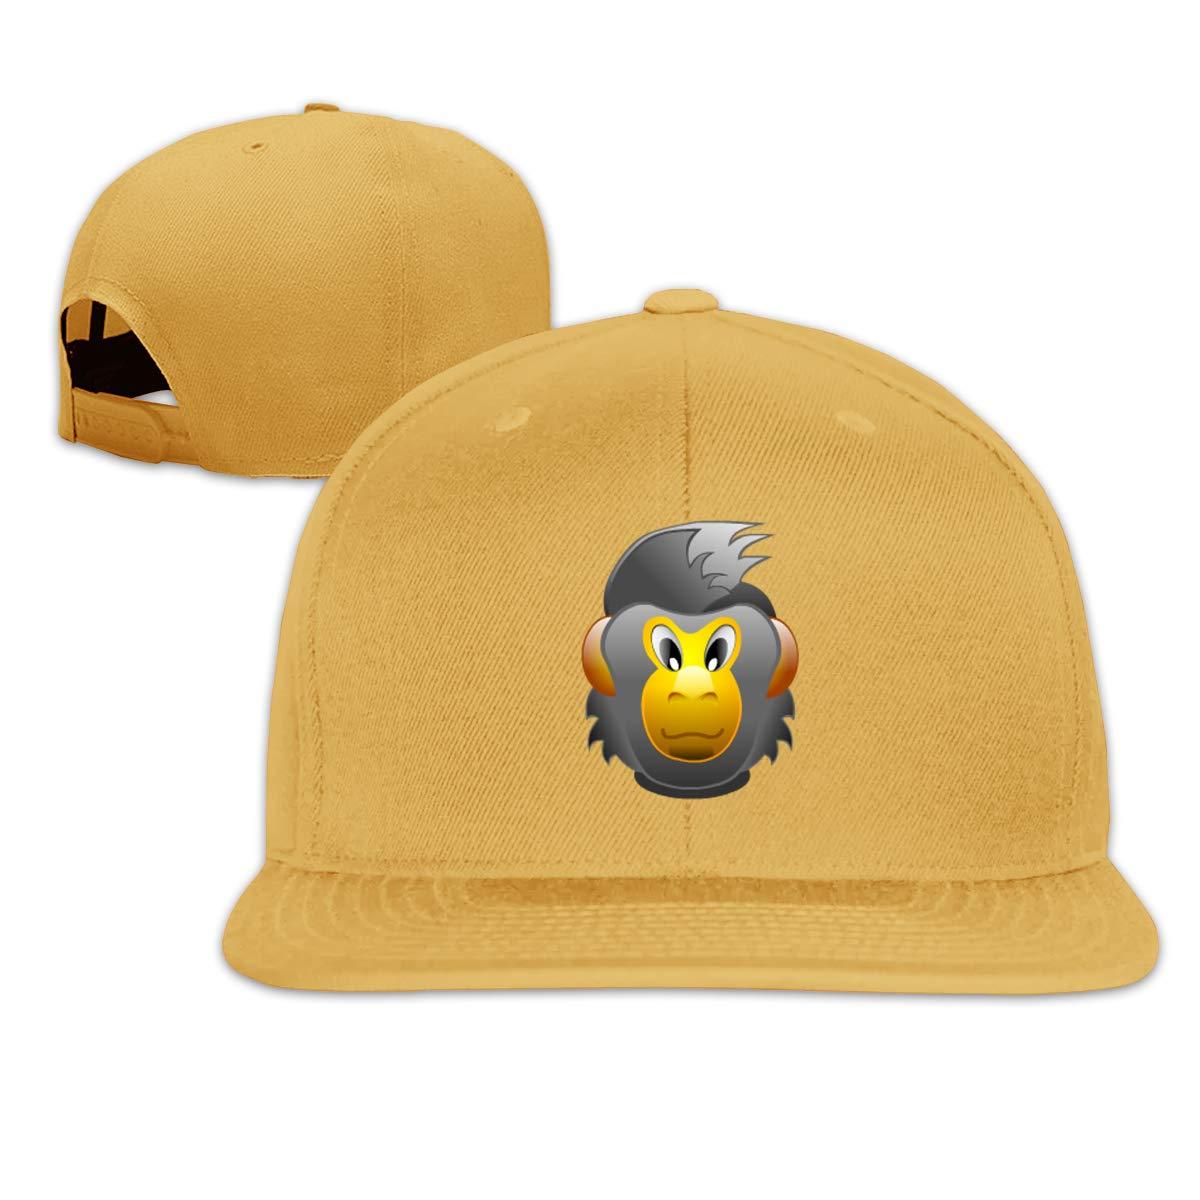 Gorilla Flat Brim Baseball Cap Adjustable Snapback Trucker Hat Caps Hip Hop Hat